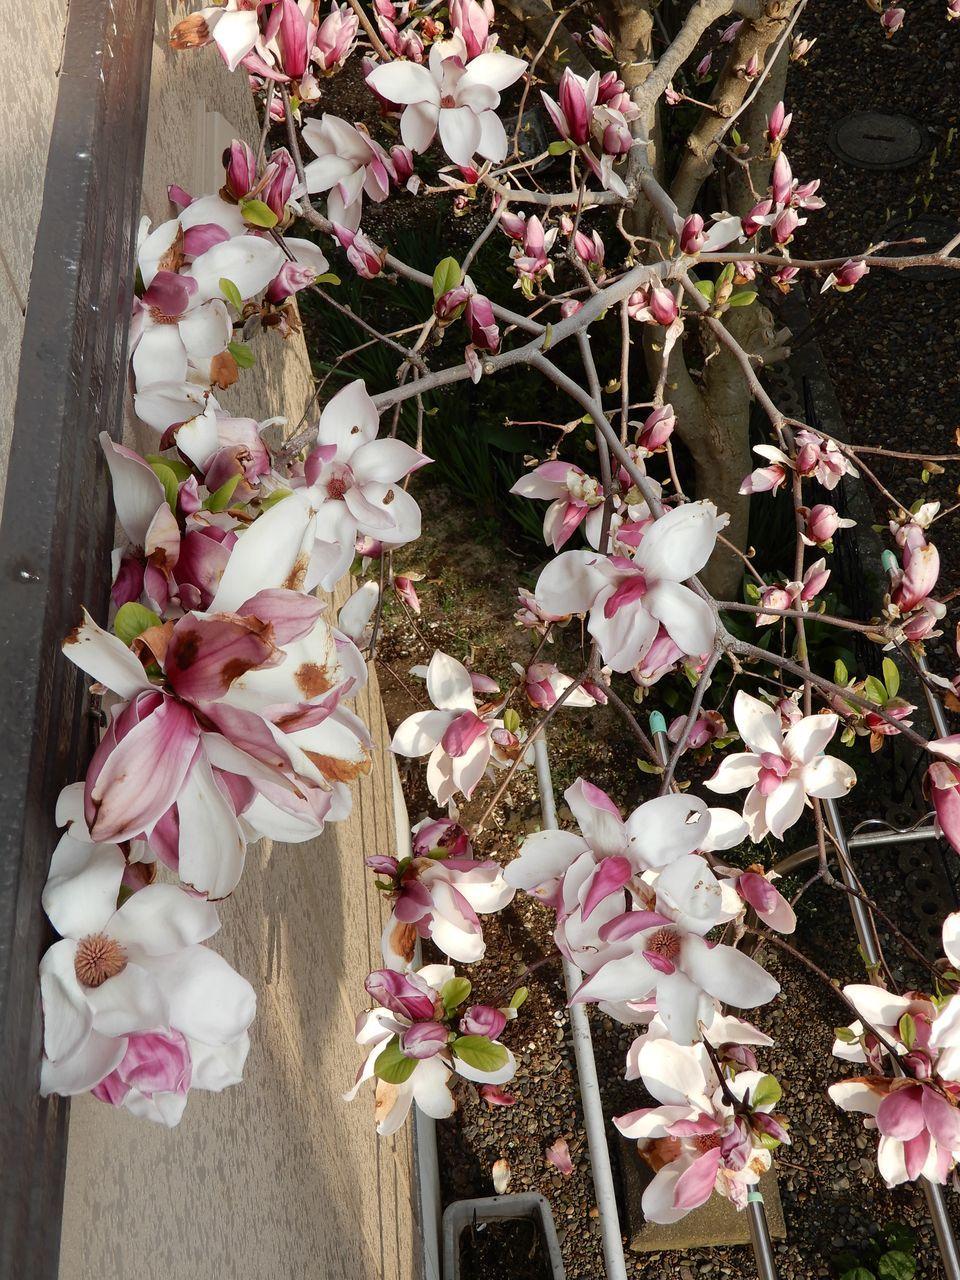 春真っ盛り_c0025115_22282106.jpg